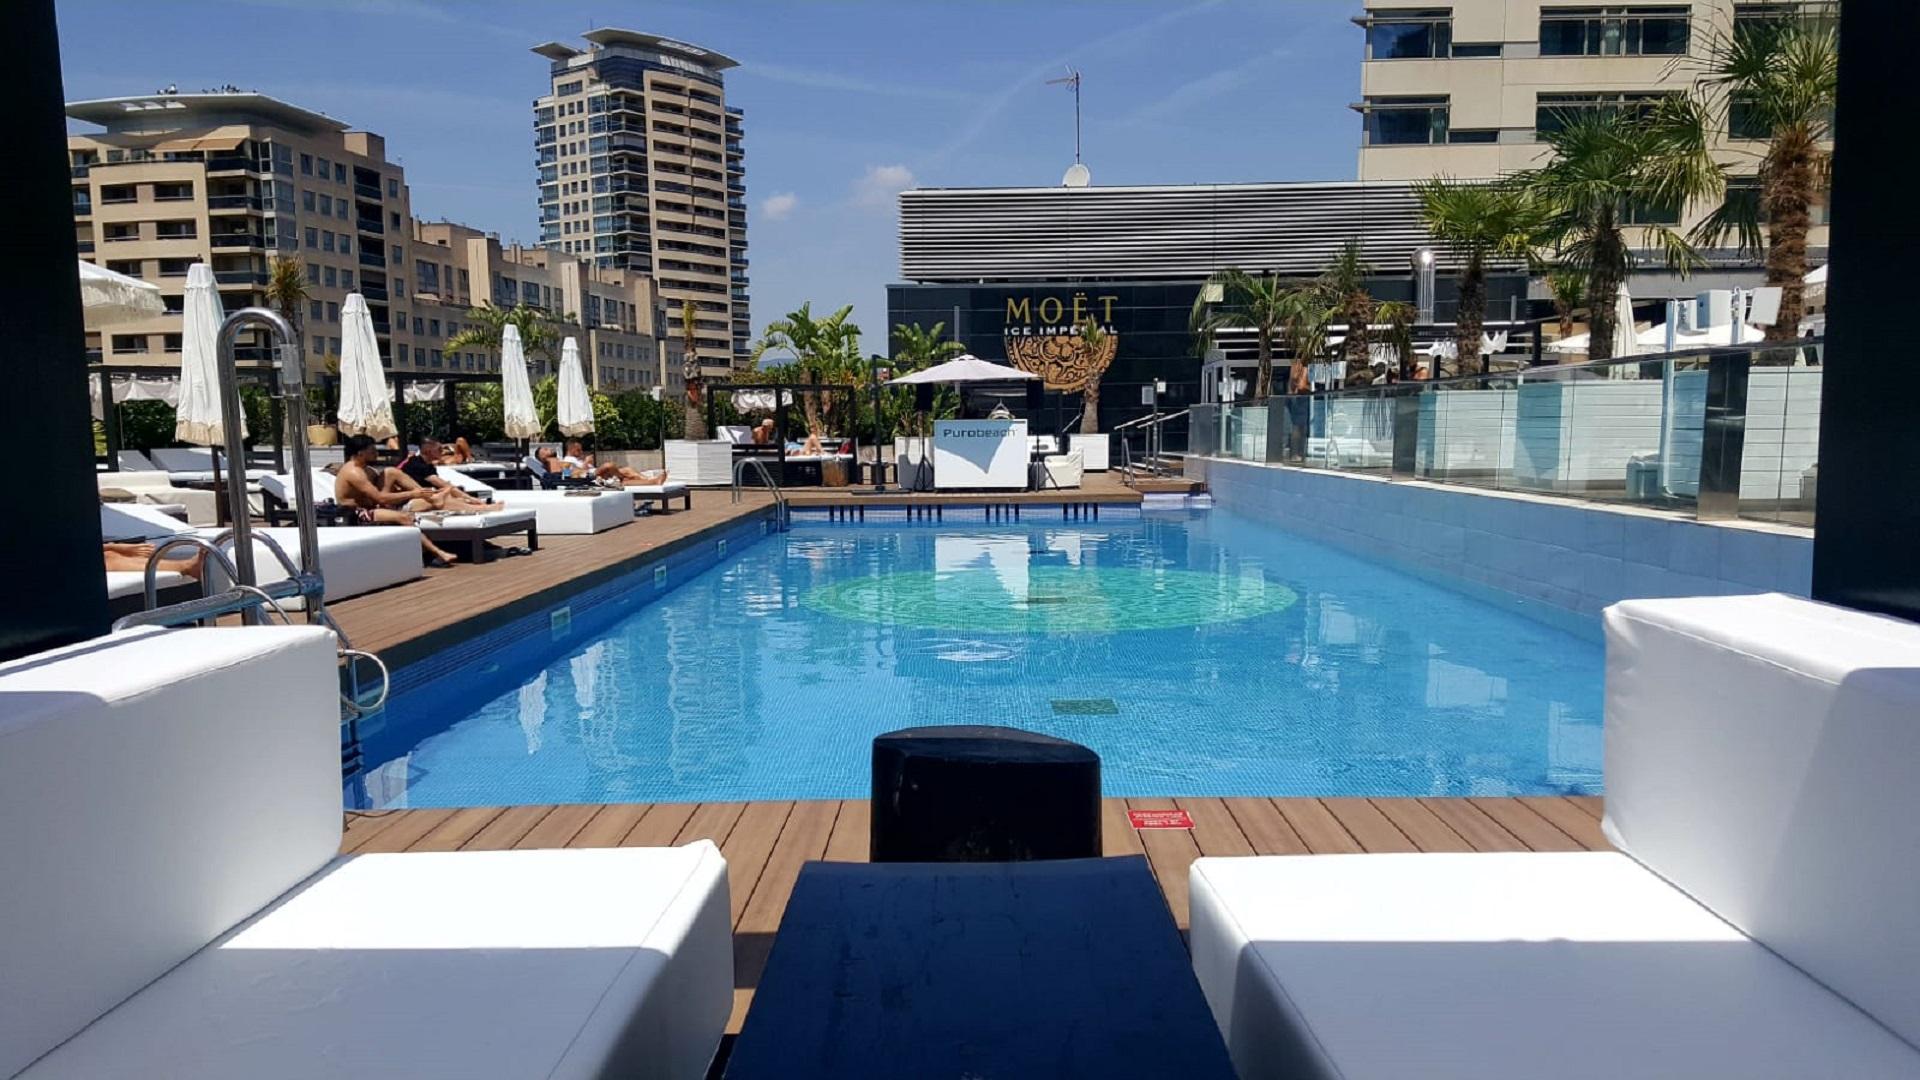 piscina terrassa hotel hilton diagonal mar